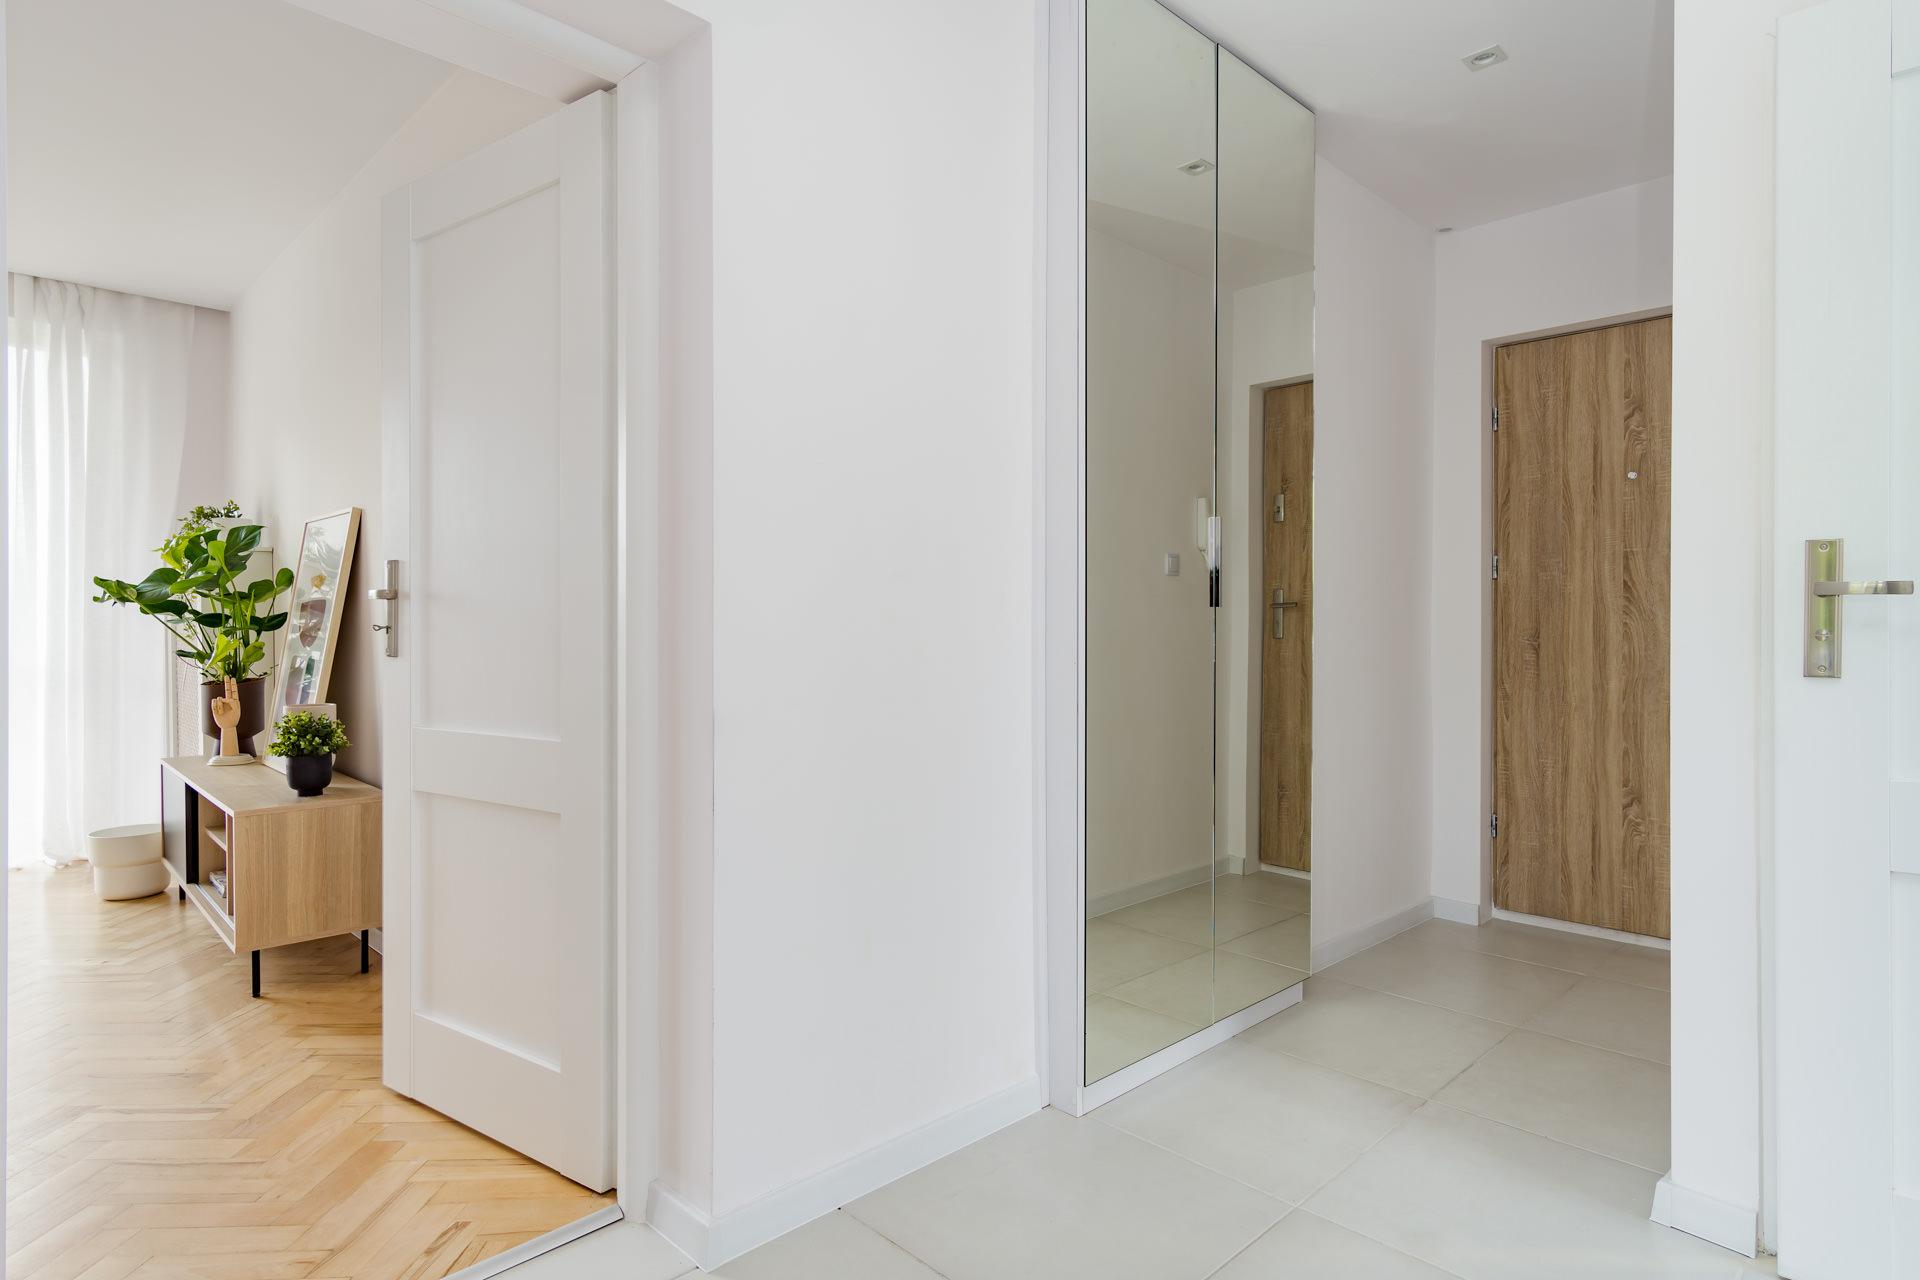 projekt wnętrz mieszkania - przedpokój